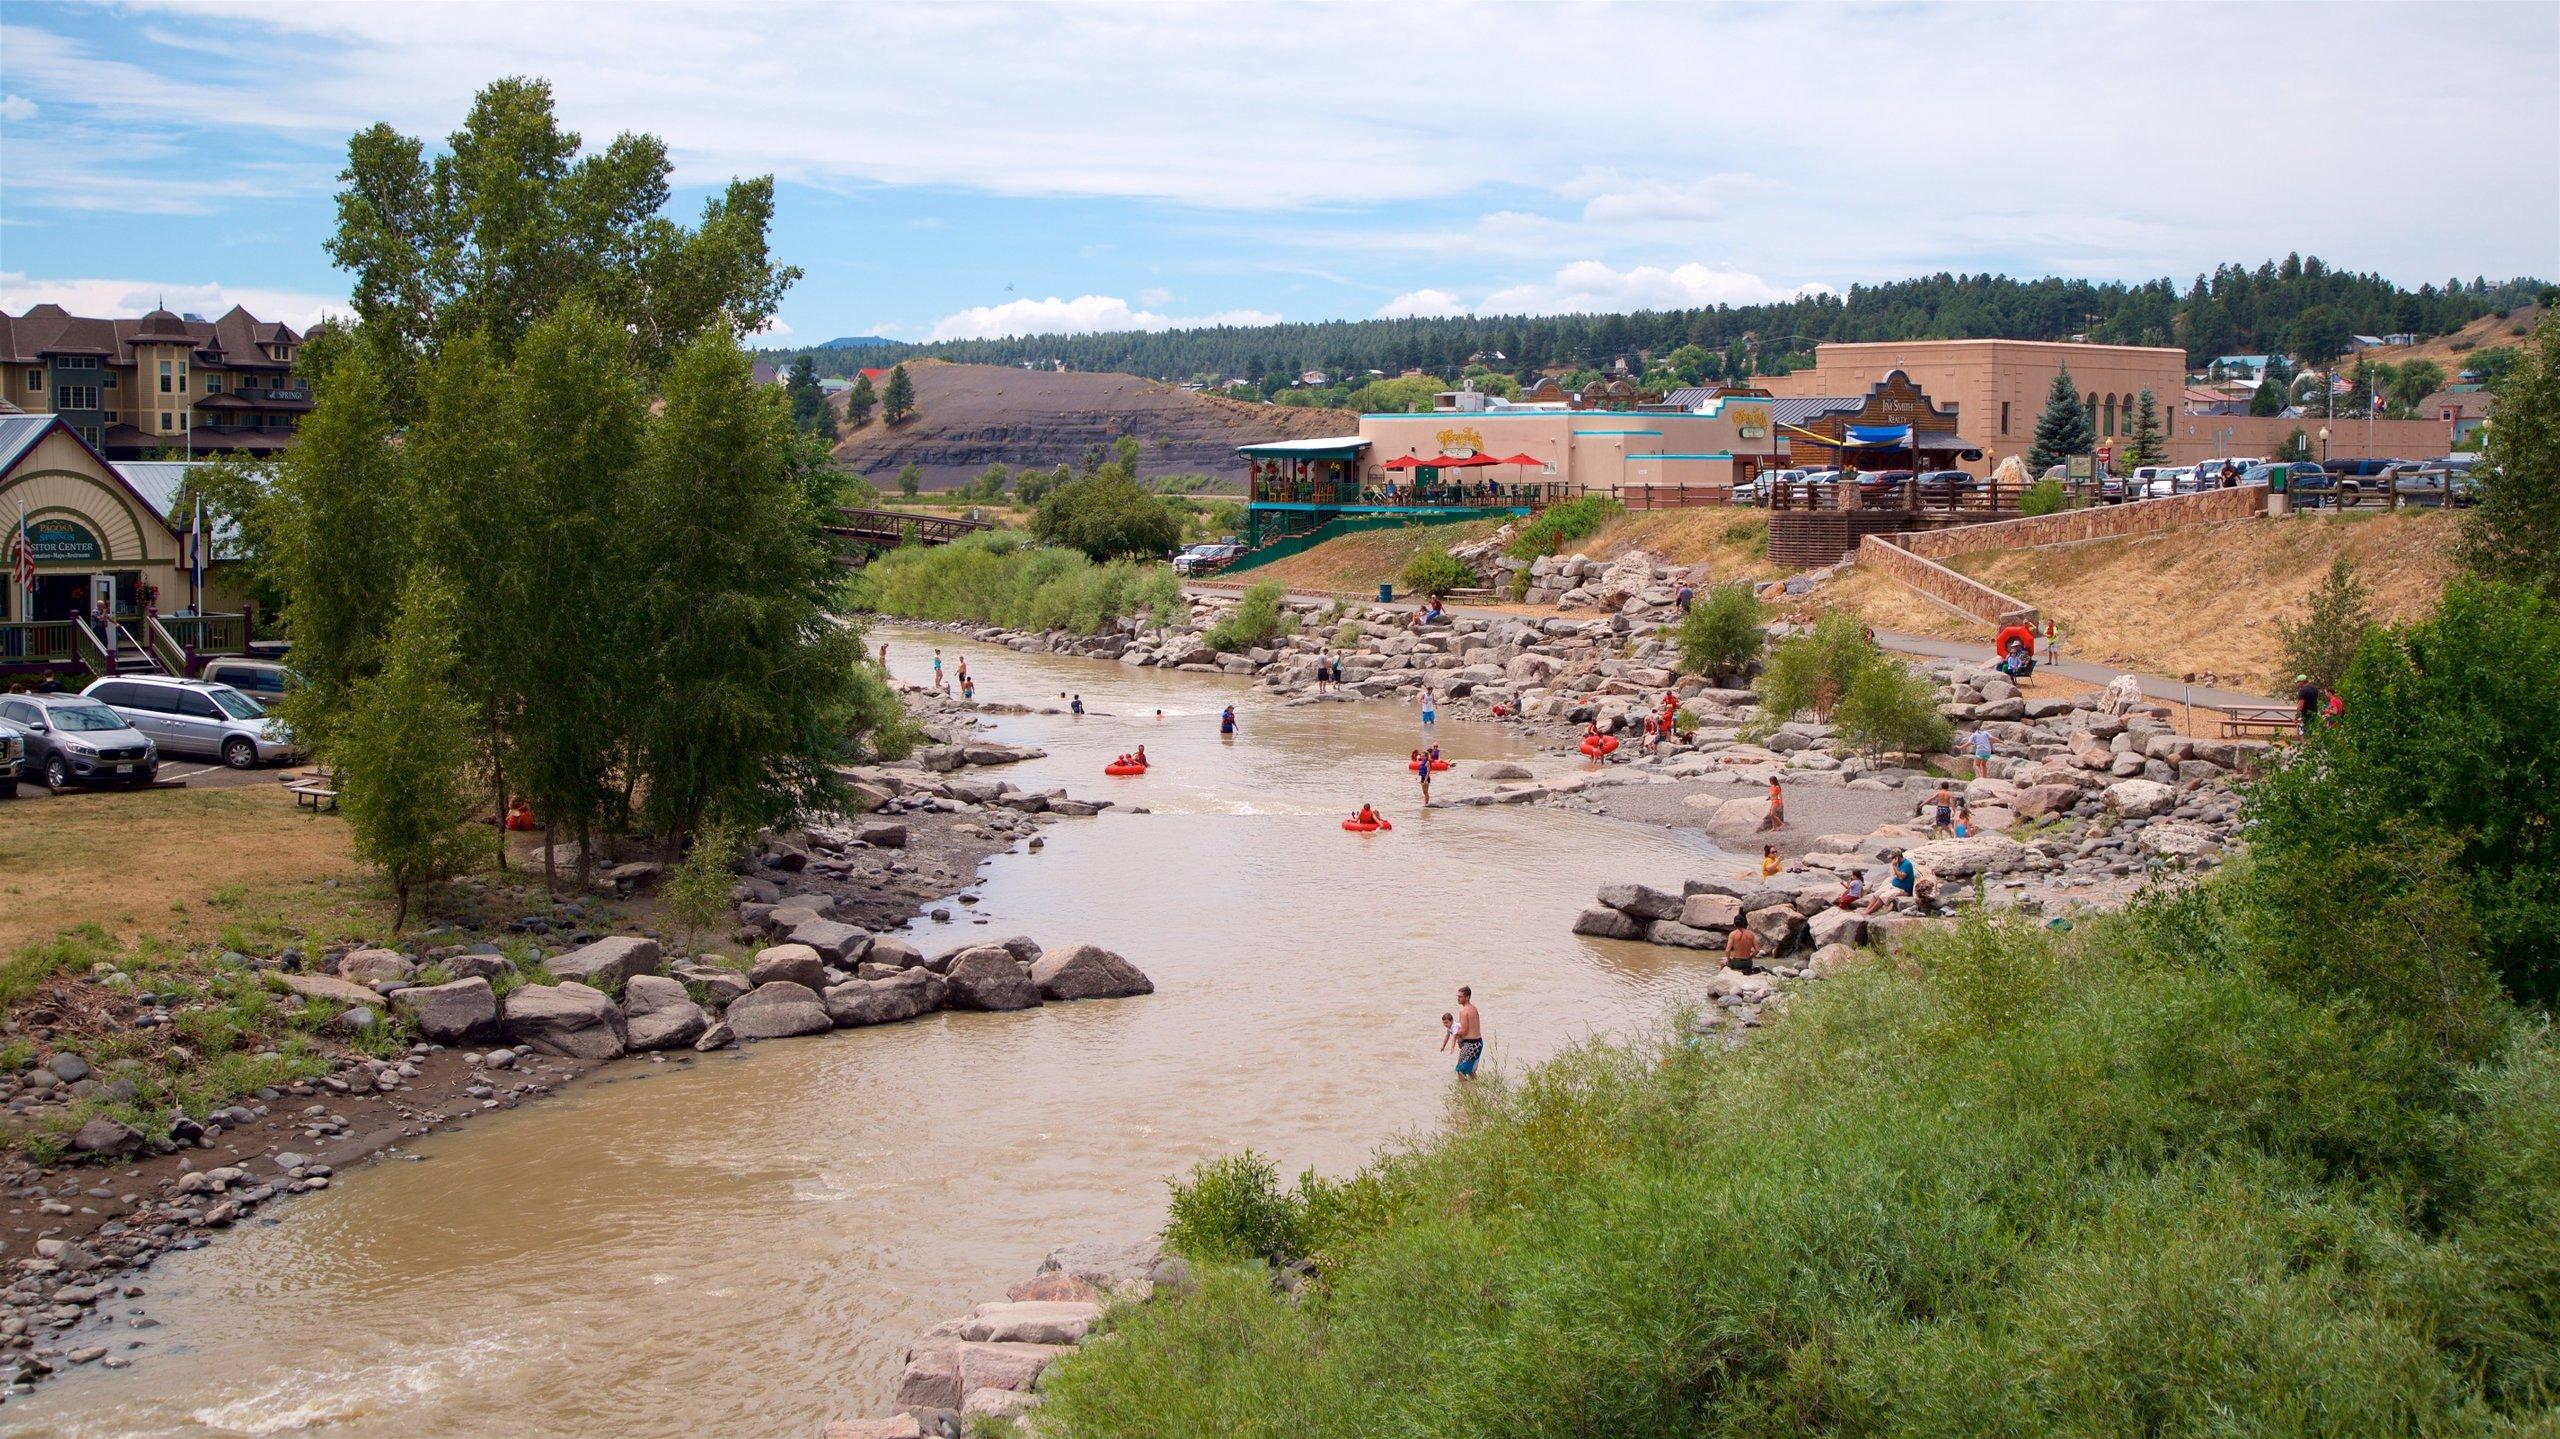 Archuleta County, Colorado, United States of America